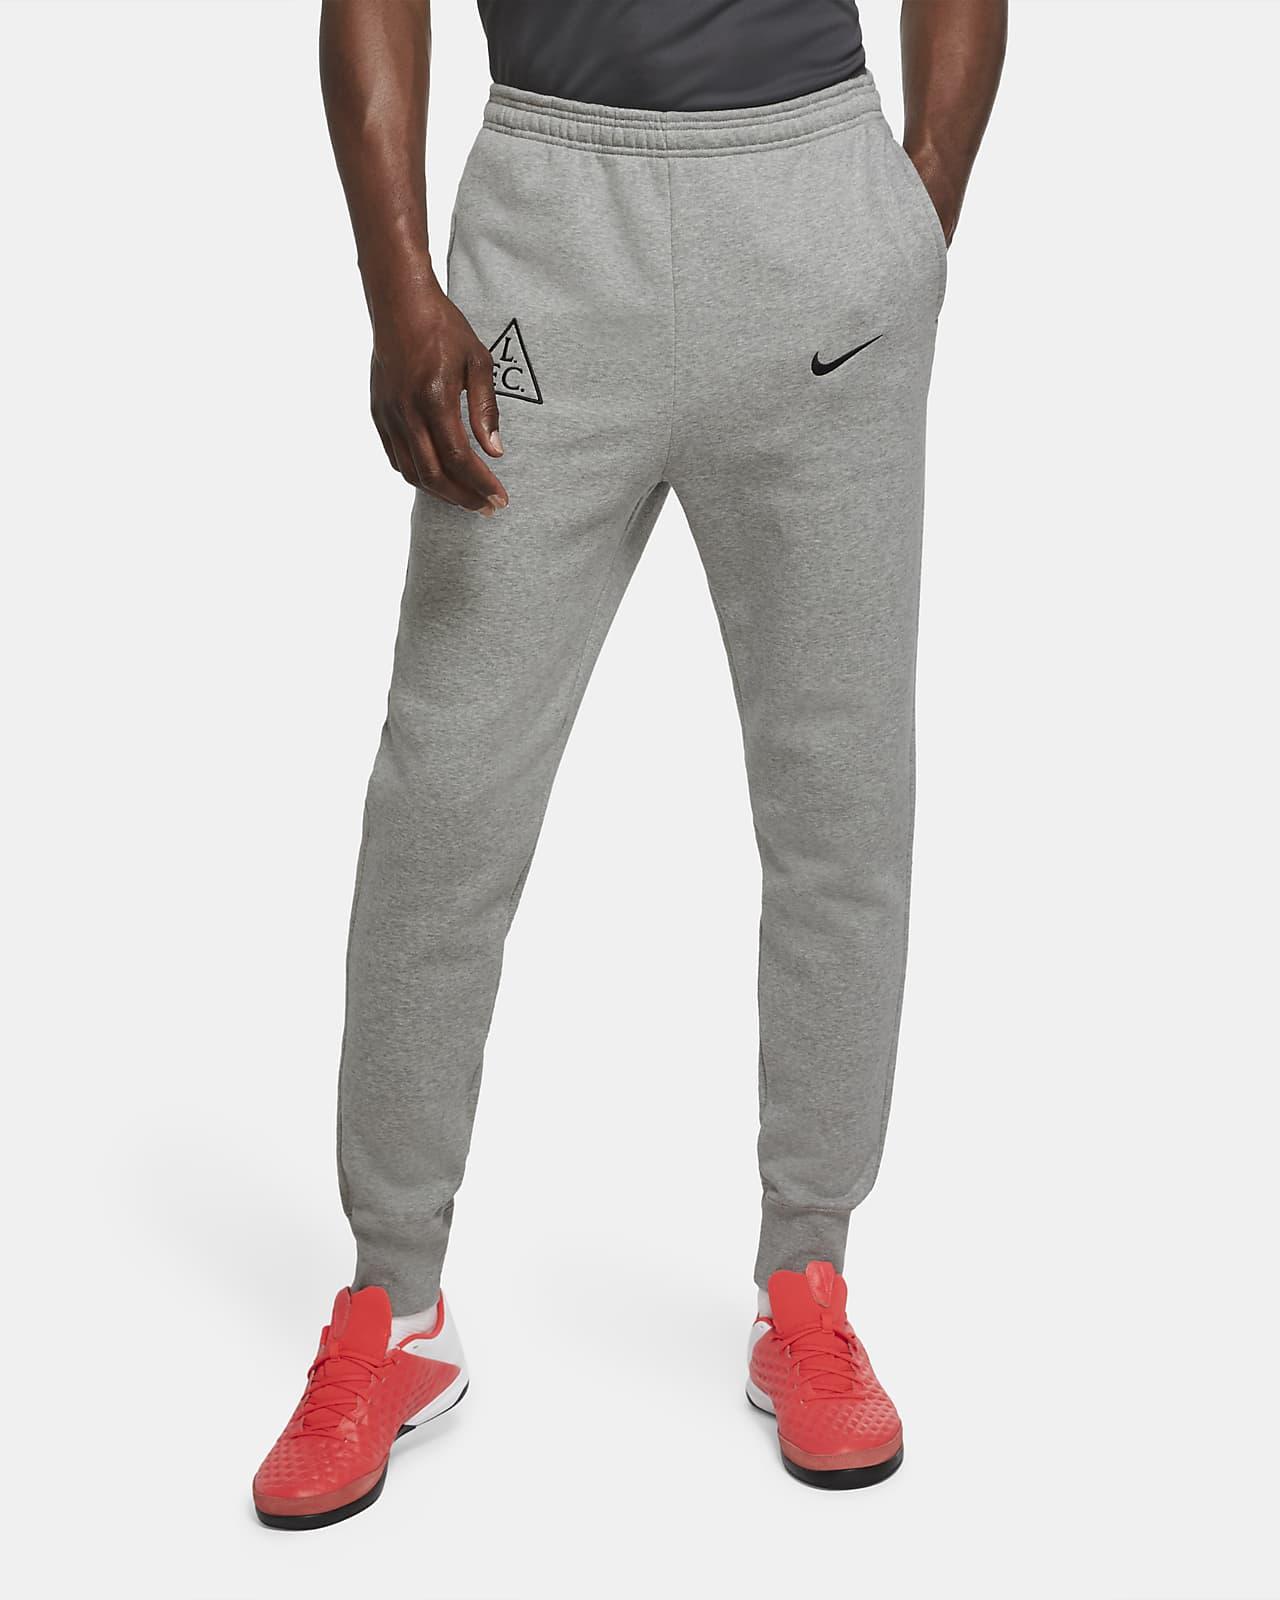 Liverpool F.C. Men's Fleece Football Pants